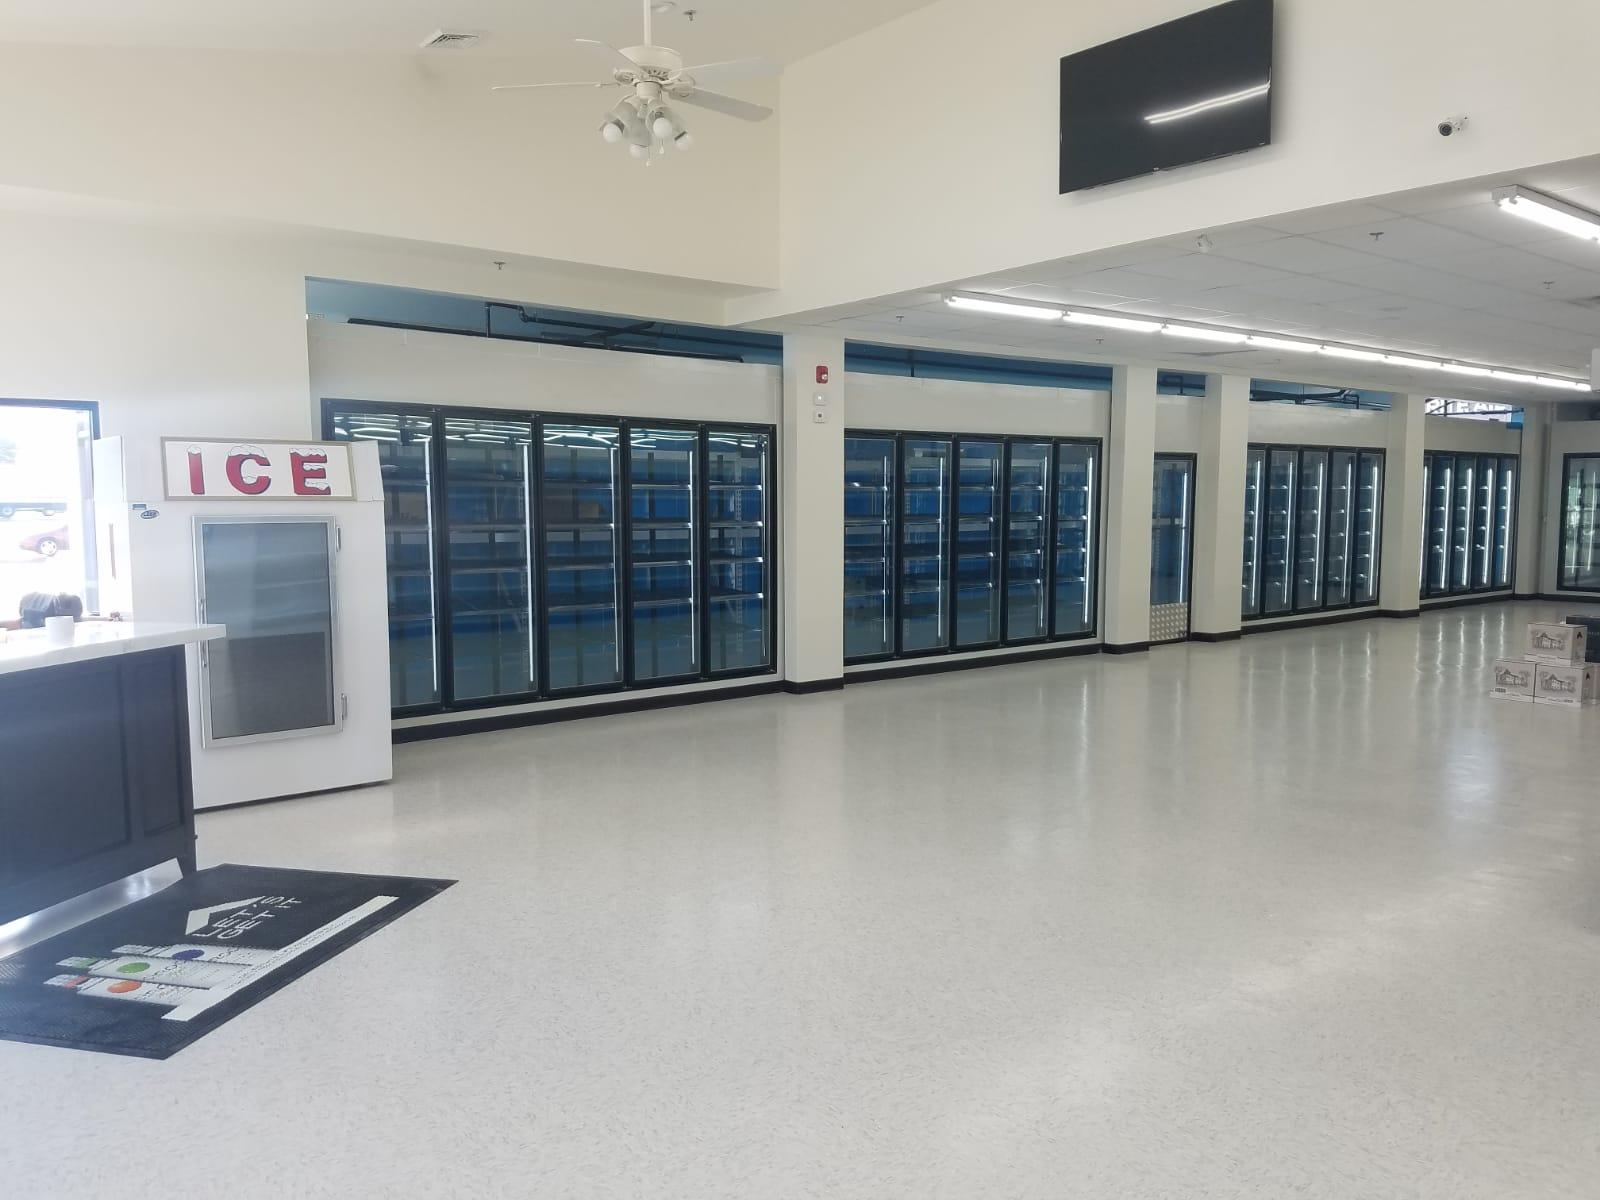 <p>Freezer glass door</p> - Industrial and comercial refrigeración equipment